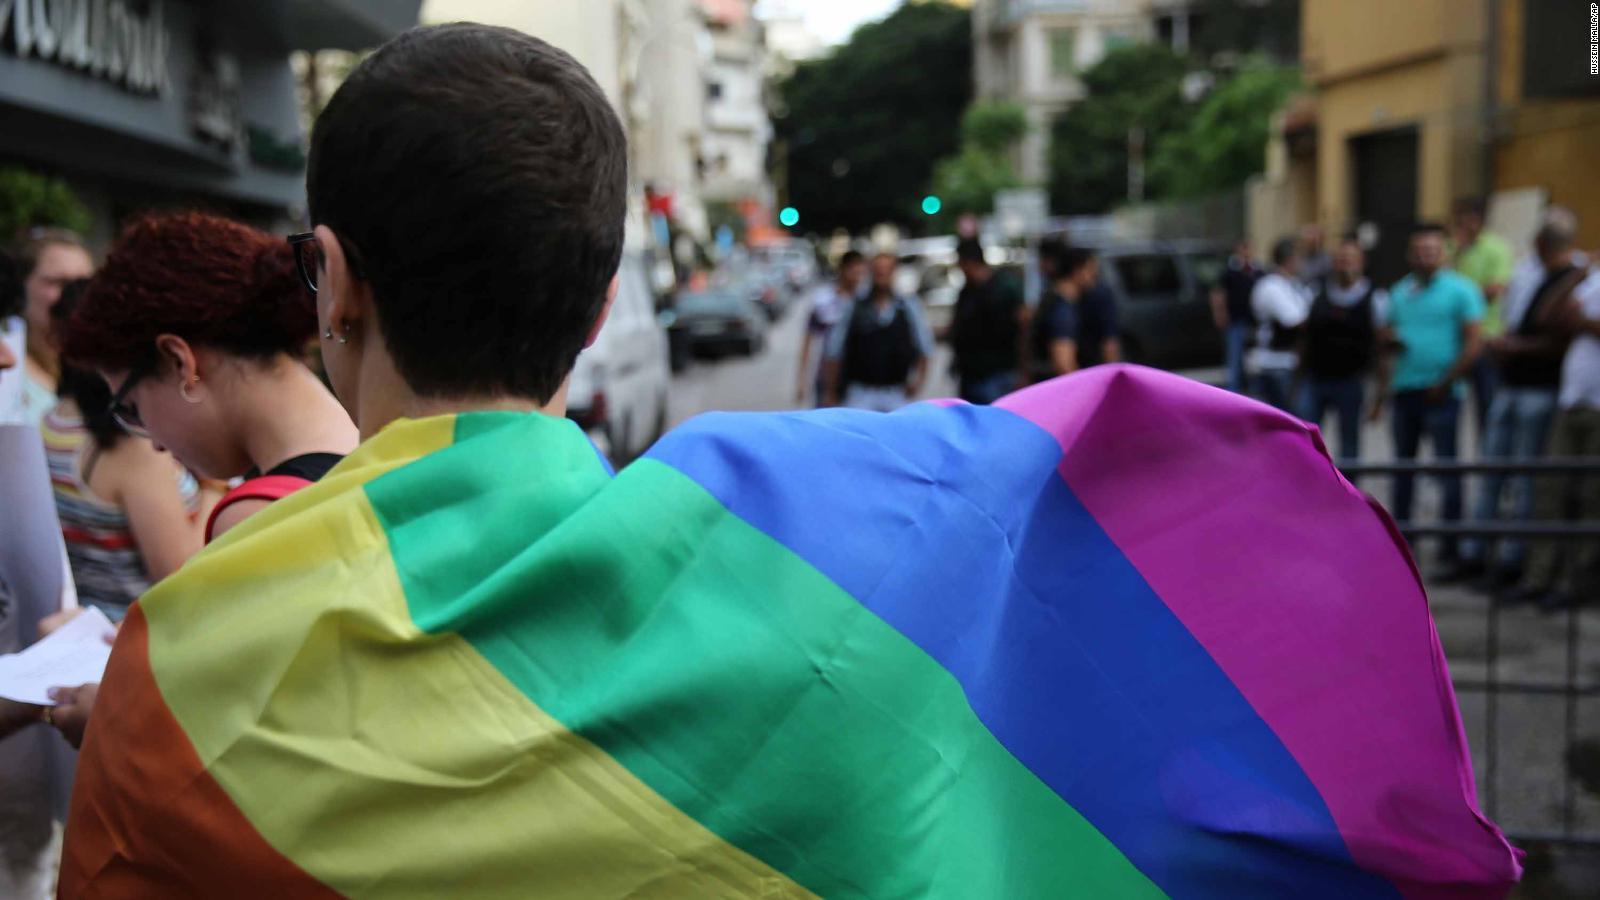 İran Dışişleri Bakanı Eşcinsellerin İnfaz Edilmesini Desteklediğini Açıkladı!